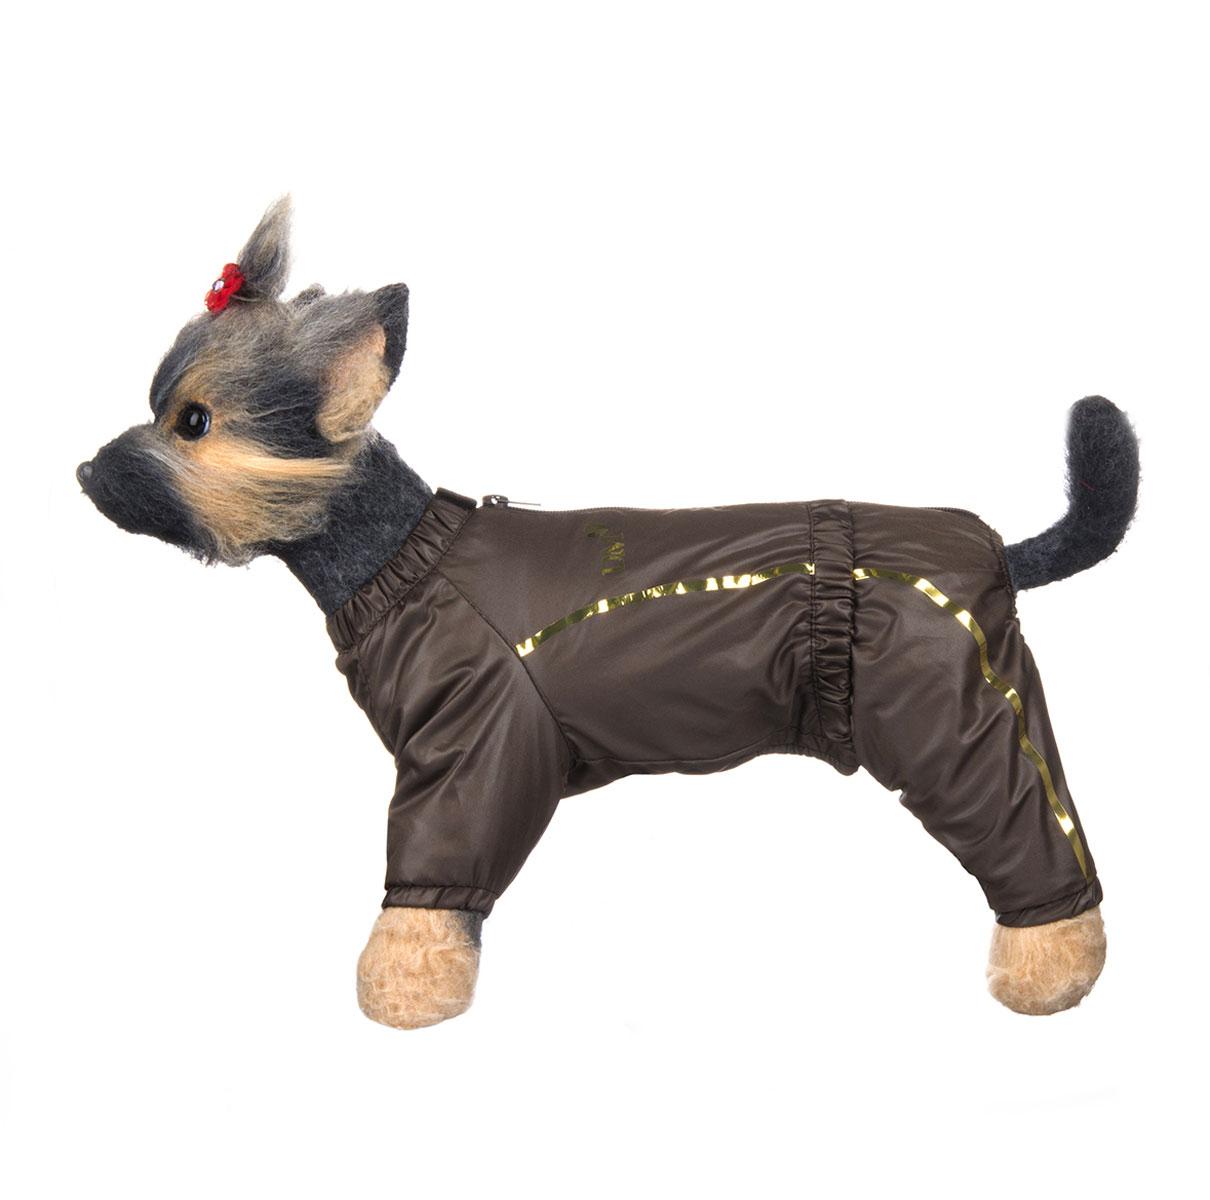 Комбинезон для собак Dogmoda Альпы, для мальчика, цвет: коричневый. Размер 1 (S)DM-150330-1Комбинезон для собак Dogmoda Альпы отлично подойдет для прогулок поздней осенью или ранней весной. Комбинезон изготовлен из полиэстера, защищающего от ветра и осадков, с подкладкой из флиса, которая сохранит тепло и обеспечит отличный воздухообмен. Комбинезон застегивается на молнию и липучку, благодаря чему его легко надевать и снимать. Ворот, низ рукавов и брючин оснащены внутренними резинками, которые мягко обхватывают шею и лапки, не позволяя просачиваться холодному воздуху. На пояснице имеется внутренняя резинка. Изделие декорировано золотистыми полосками и надписью DM.Благодаря такому комбинезону простуда не грозит вашему питомцу и он не даст любимцу продрогнуть на прогулке.Одежда для собак: нужна ли она и как её выбрать. Статья OZON Гид